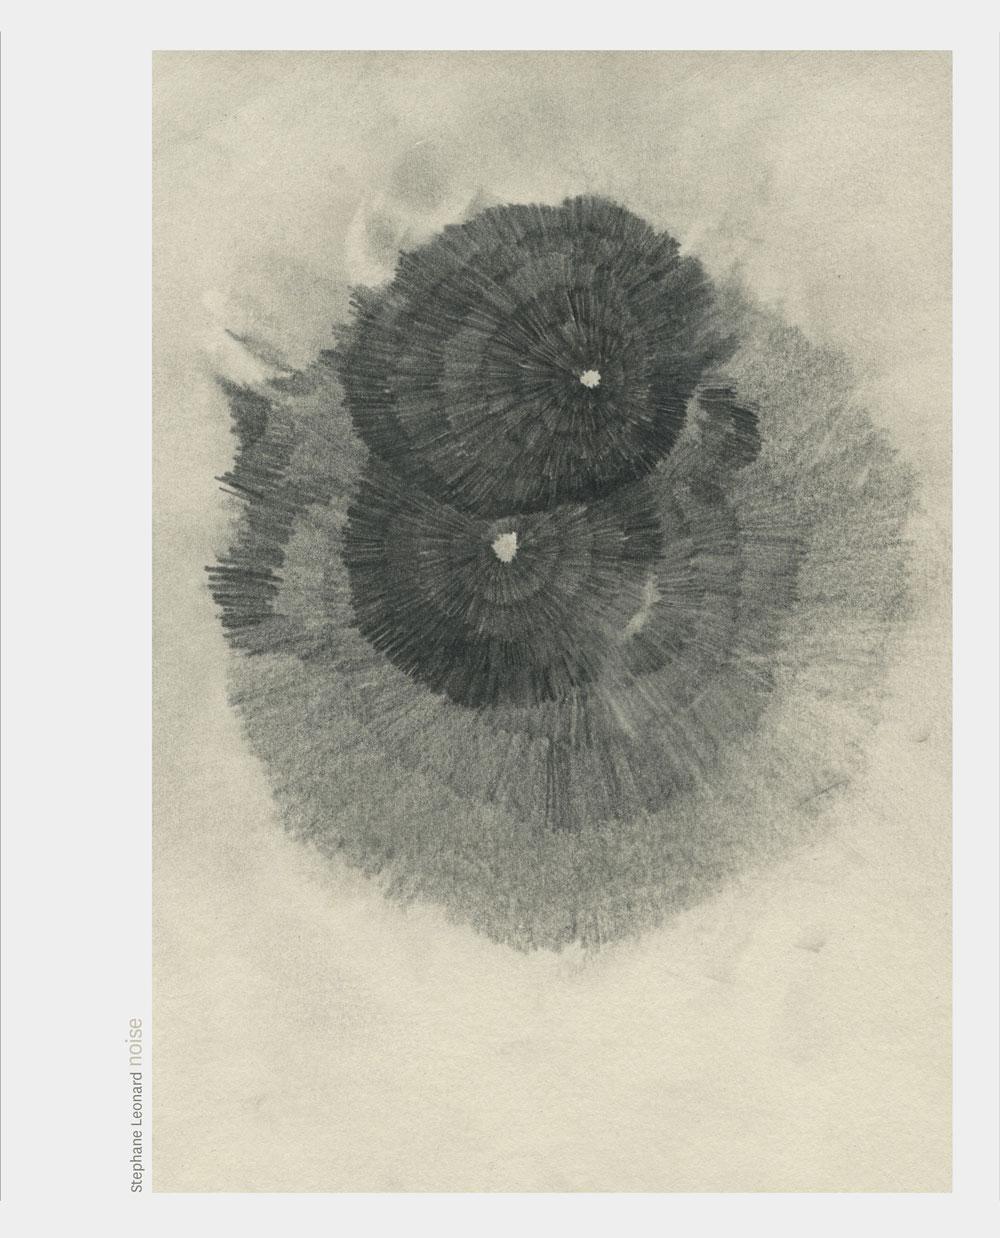 image-1569